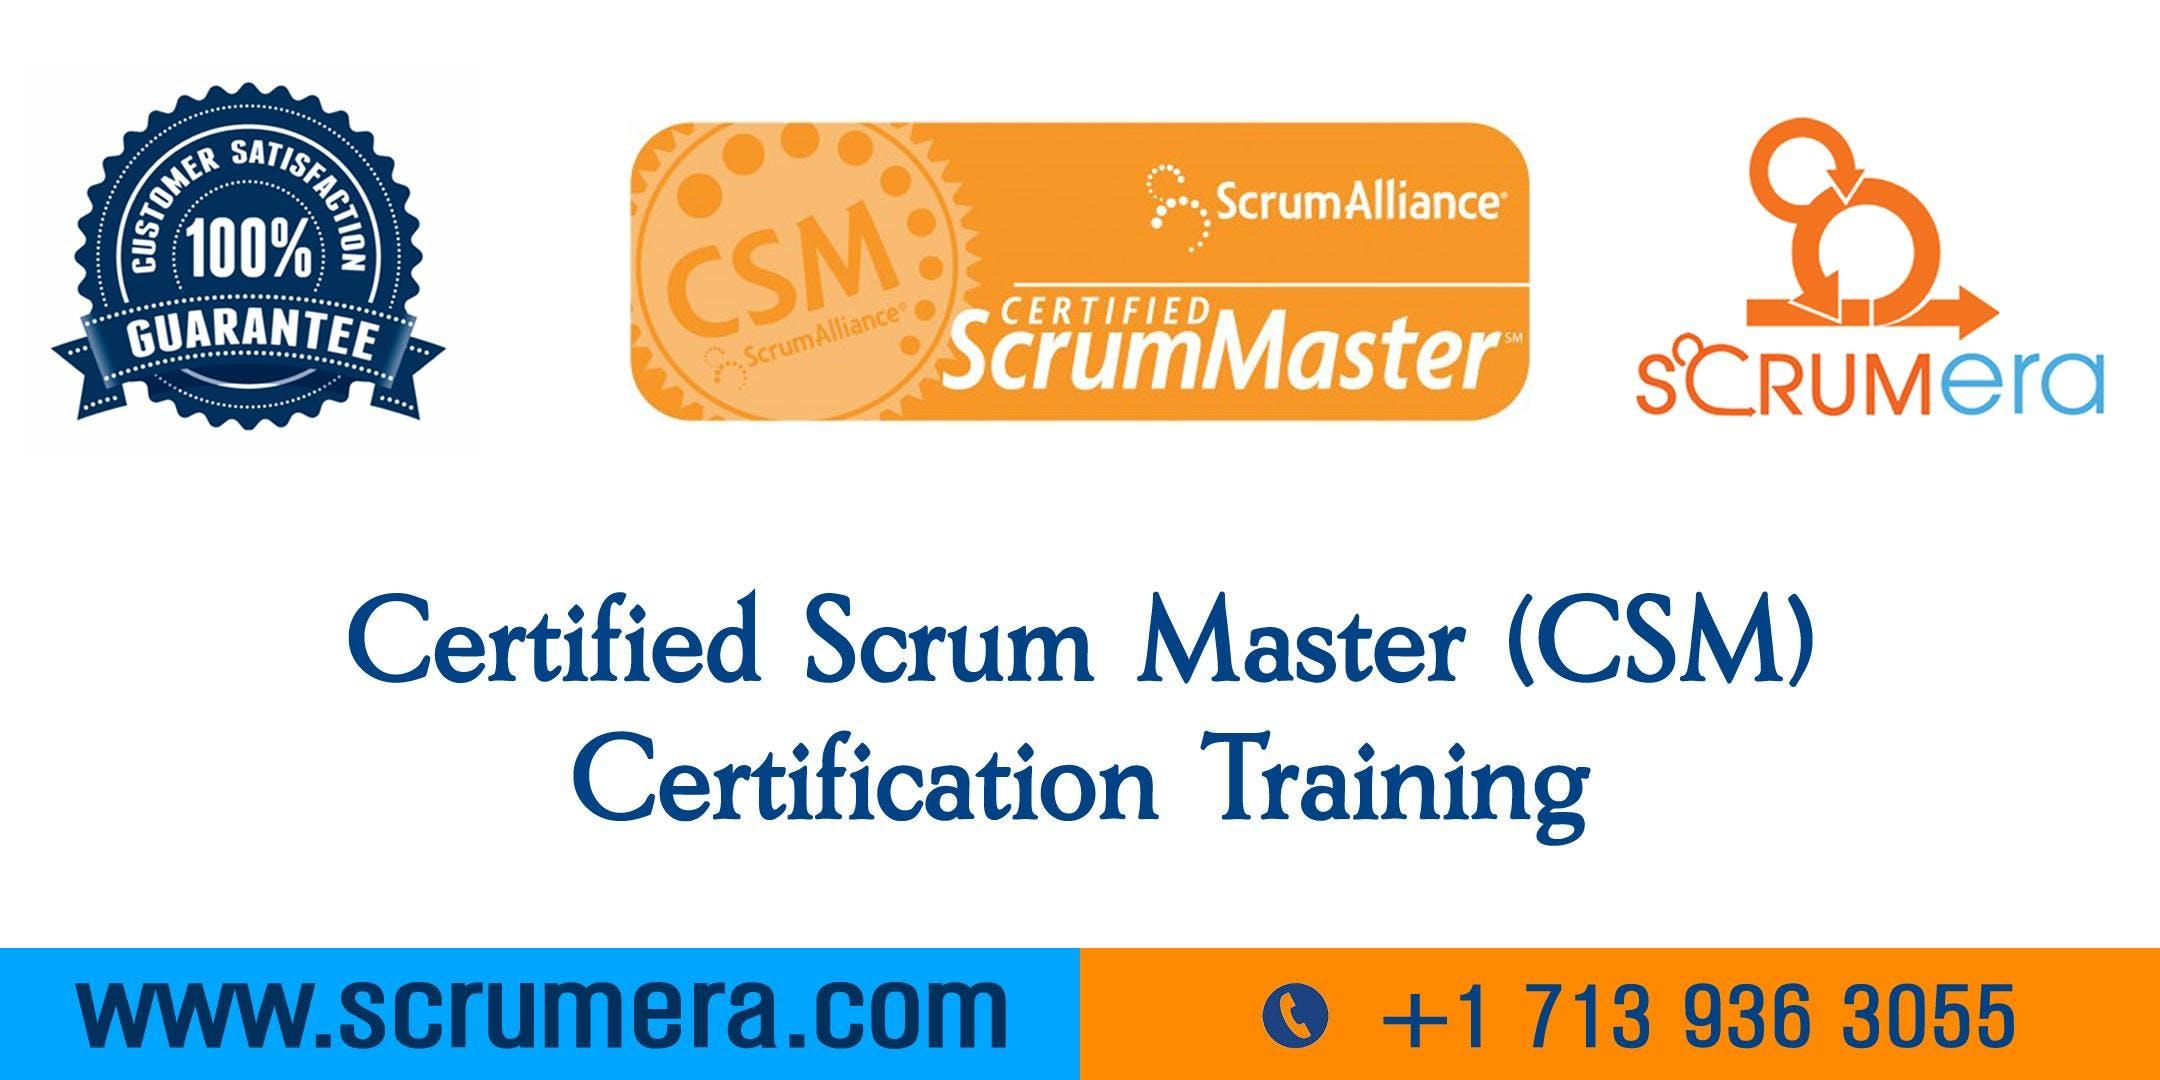 Scrum Master Certification | CSM Training | CSM Certification Workshop | Certified Scrum Master (CSM) Training in Detroit, MI | ScrumERA